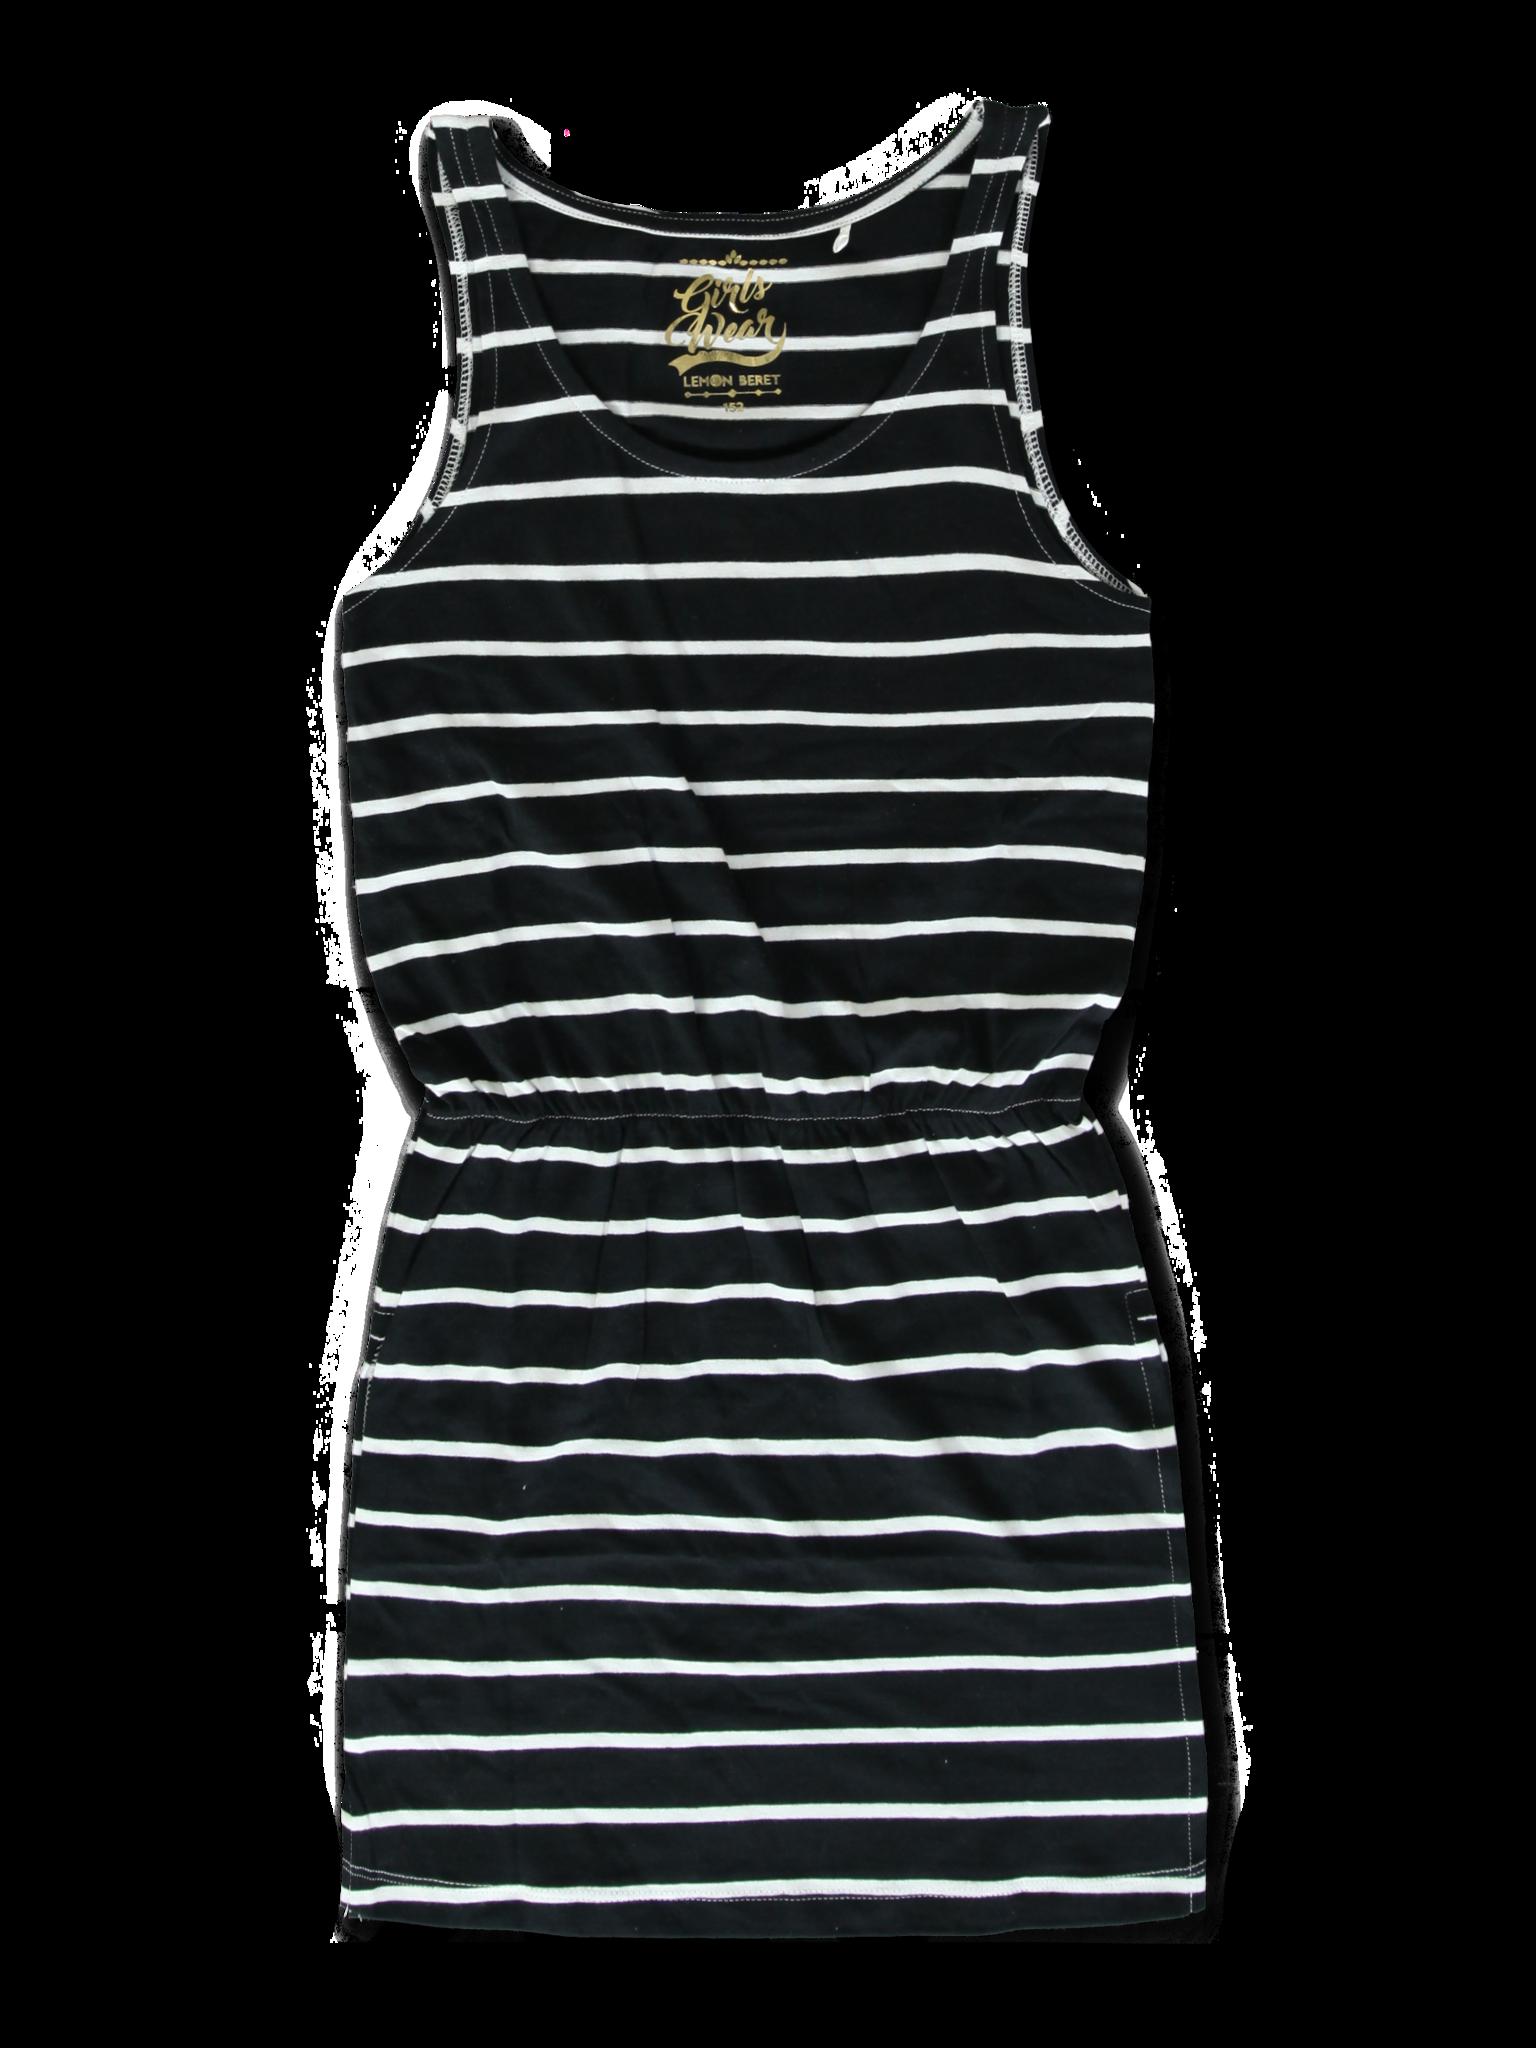 All Brands | Summerproducts Teen Girls | Dress | 12 pcs/box